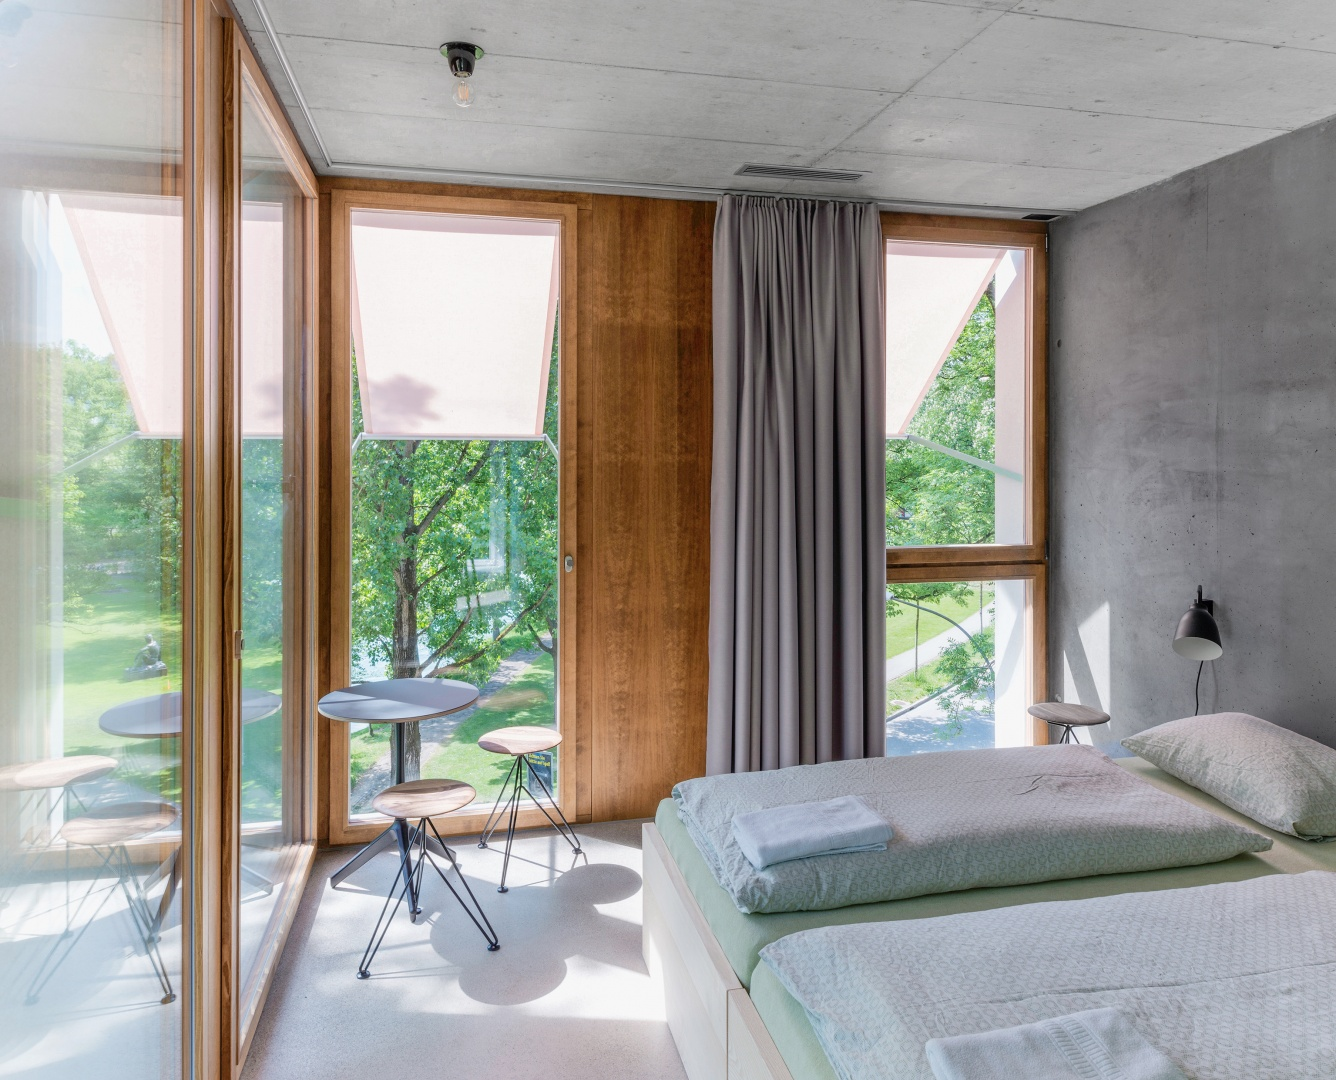 Blick ins Eckfamilienzimmer  im 1. Obergeschoss des neuen Dormitoriums: Ausgerichtet  mit Fensterfront übereck nach Südosten und zum Aareufer unterscheidet es sich von der Ausstattung kaum mehr von  einem Hotelzimmer. © Adrian Scheidegger